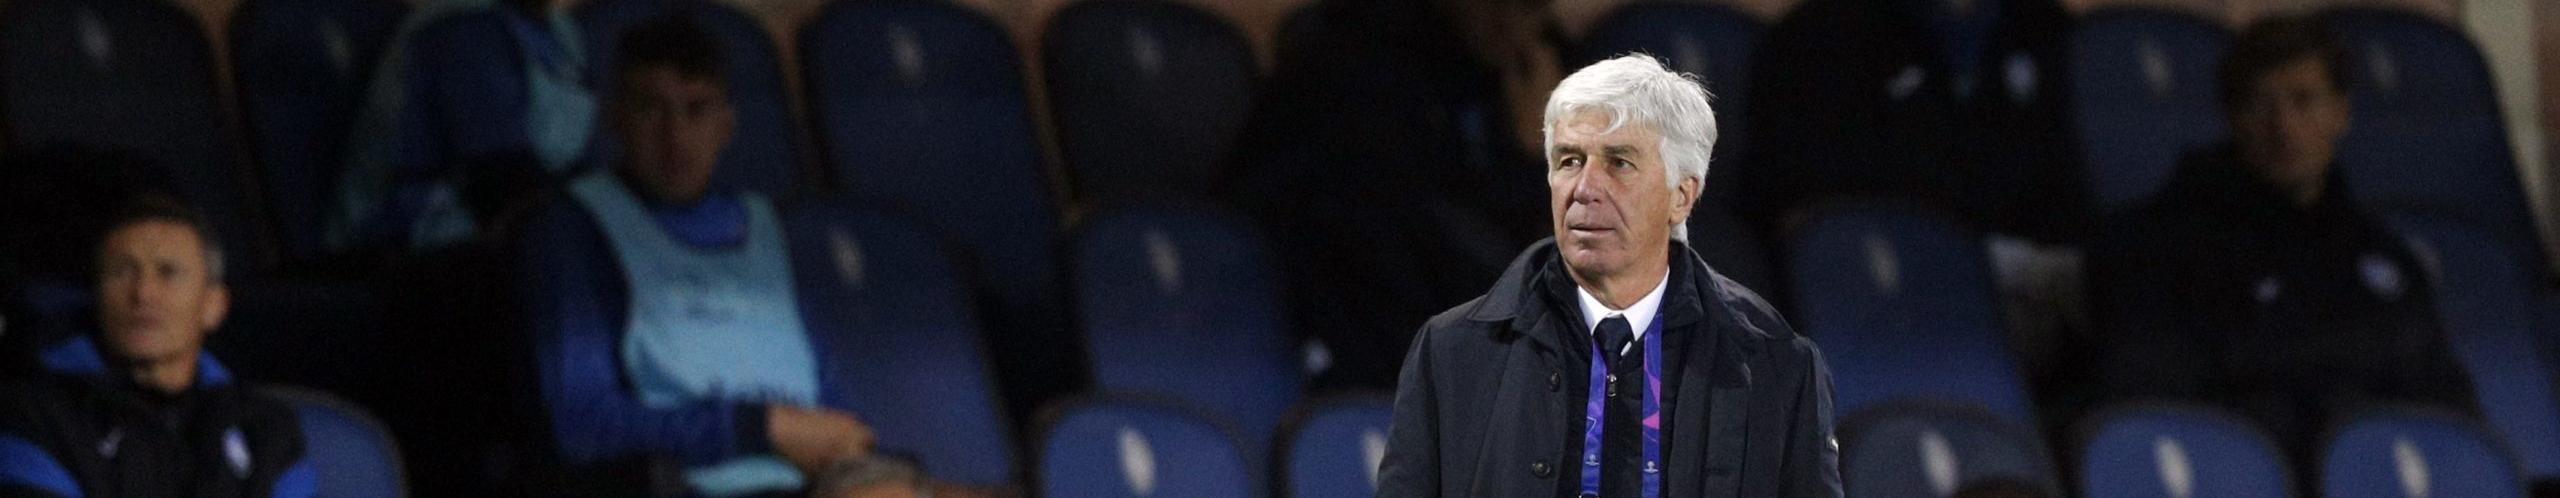 Atalanta-Liverpool: Gasperini alle prese con grossi problemi di formazione